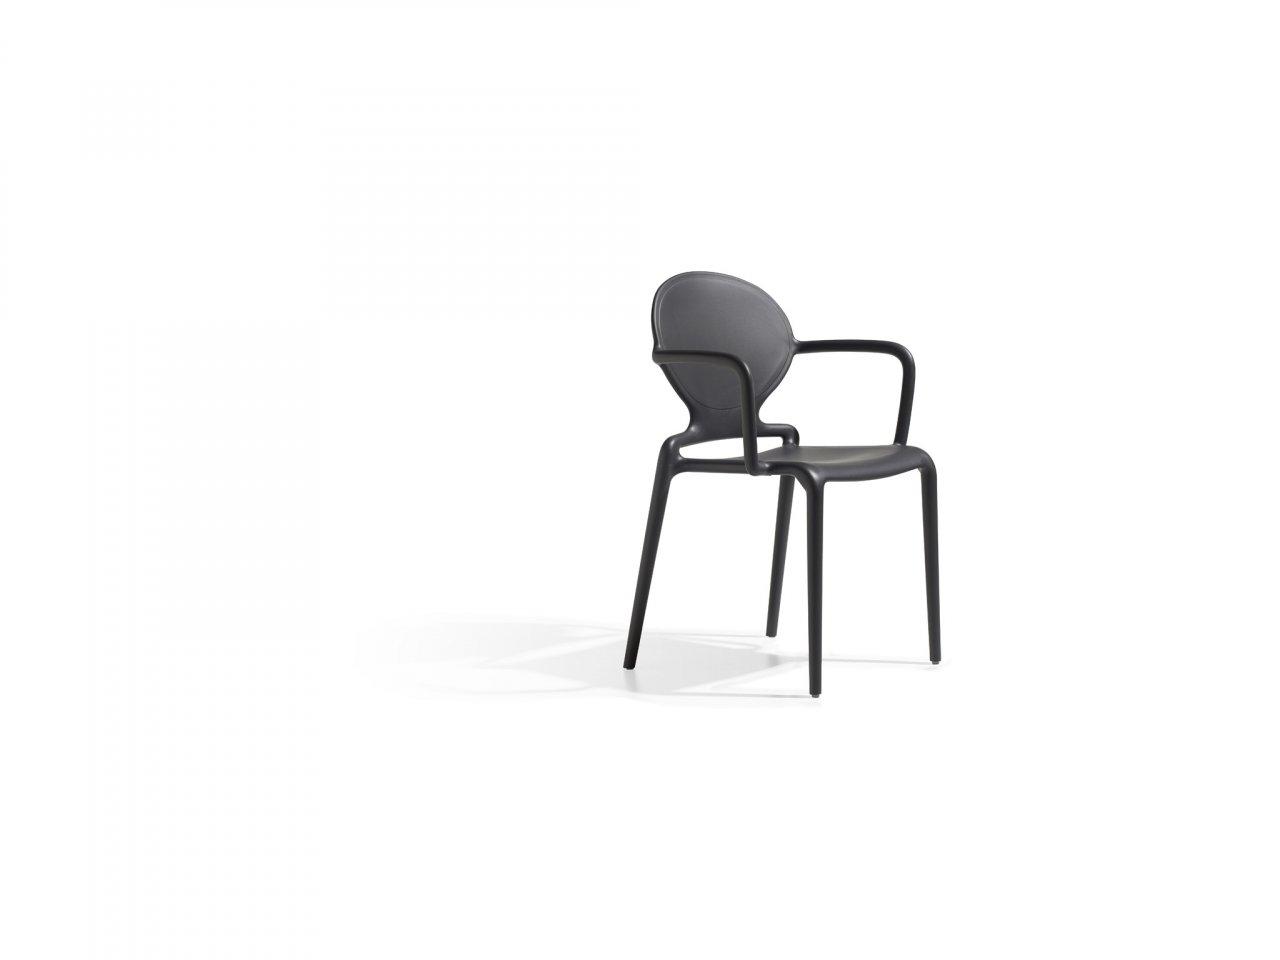 Sedia Con Braccioli Gio -1